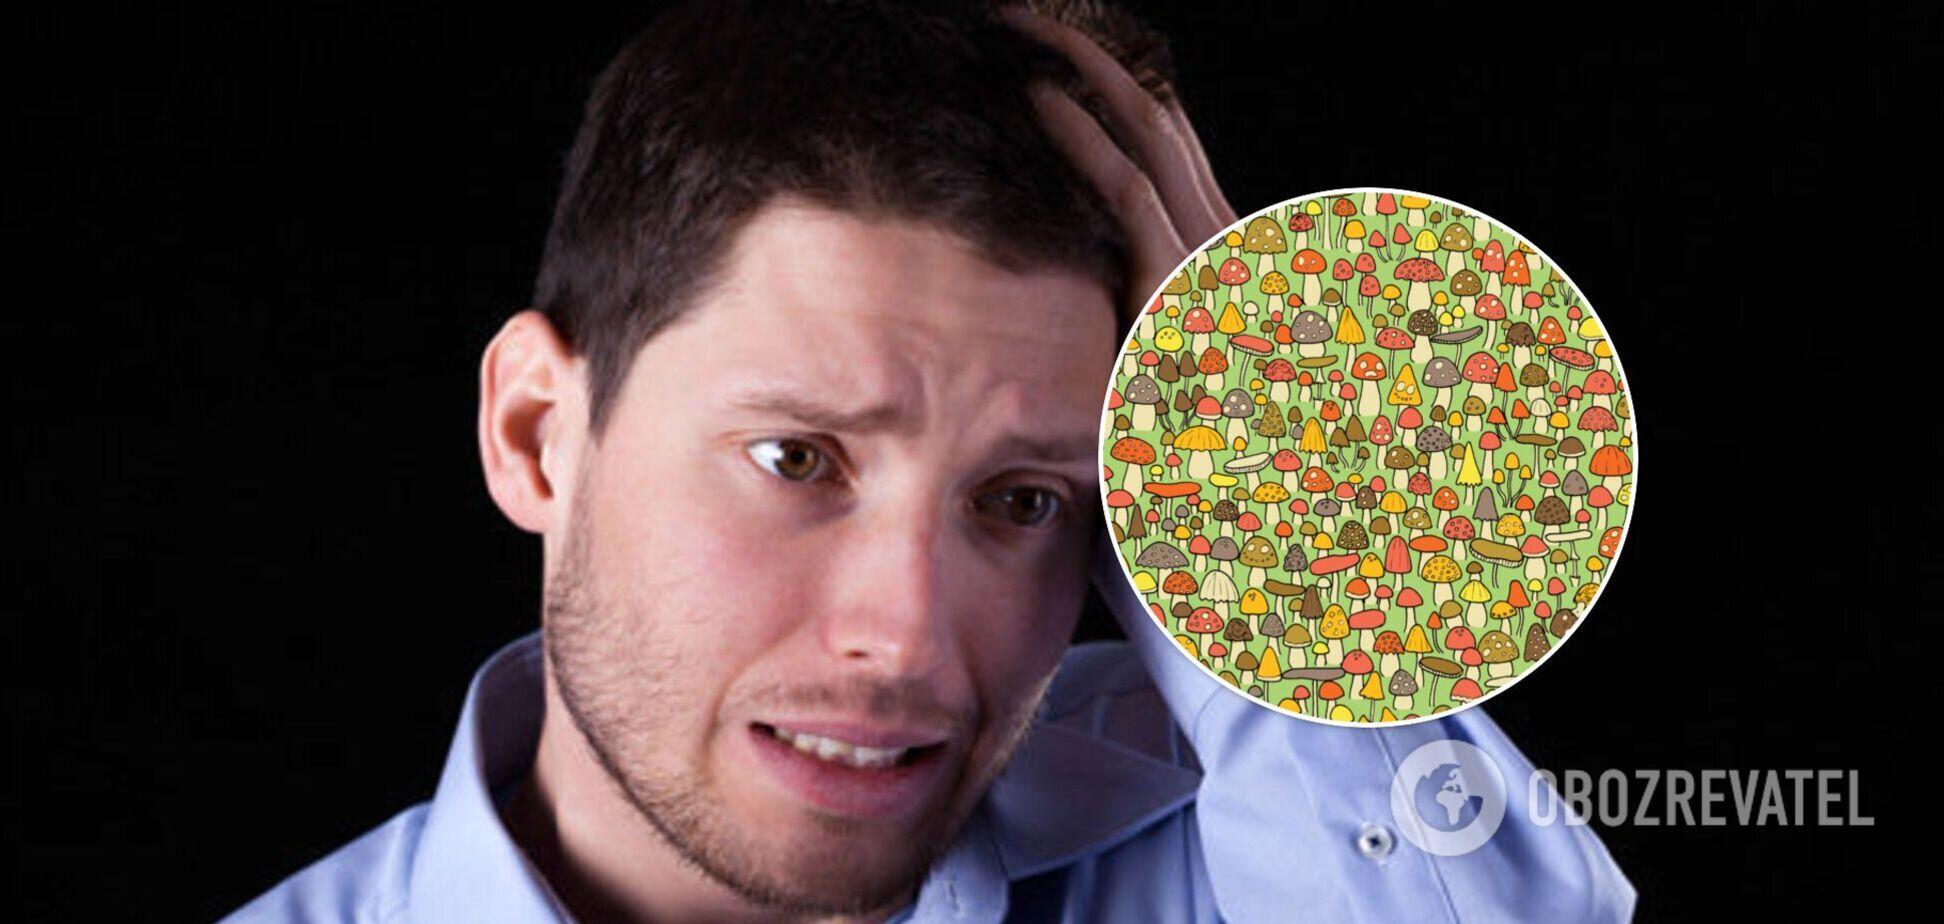 Картинка с мышкой среди грибов 'сломала' мозг пользователям в сети